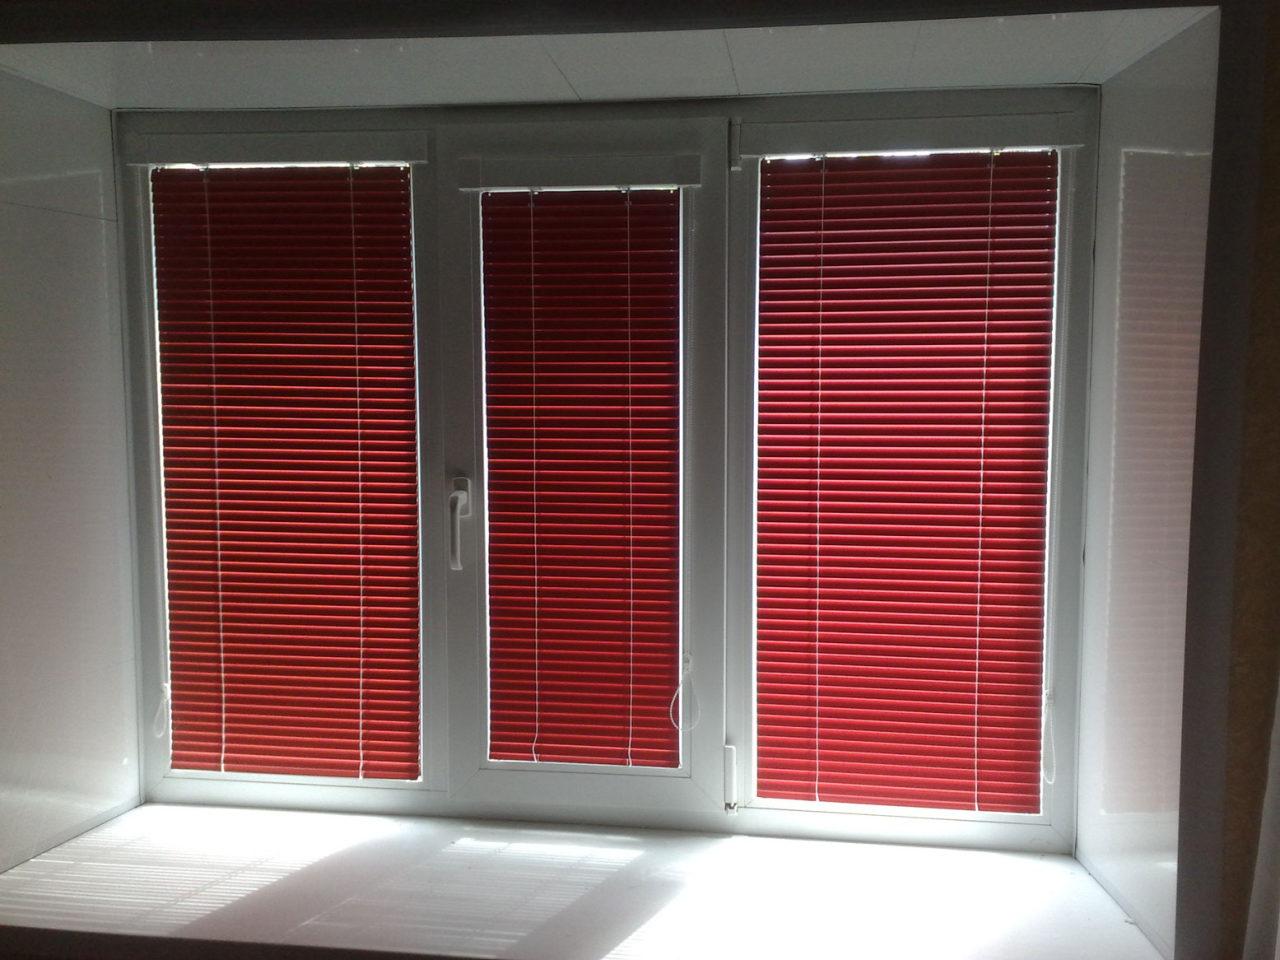 Горизонтальные жалюзи на окнах